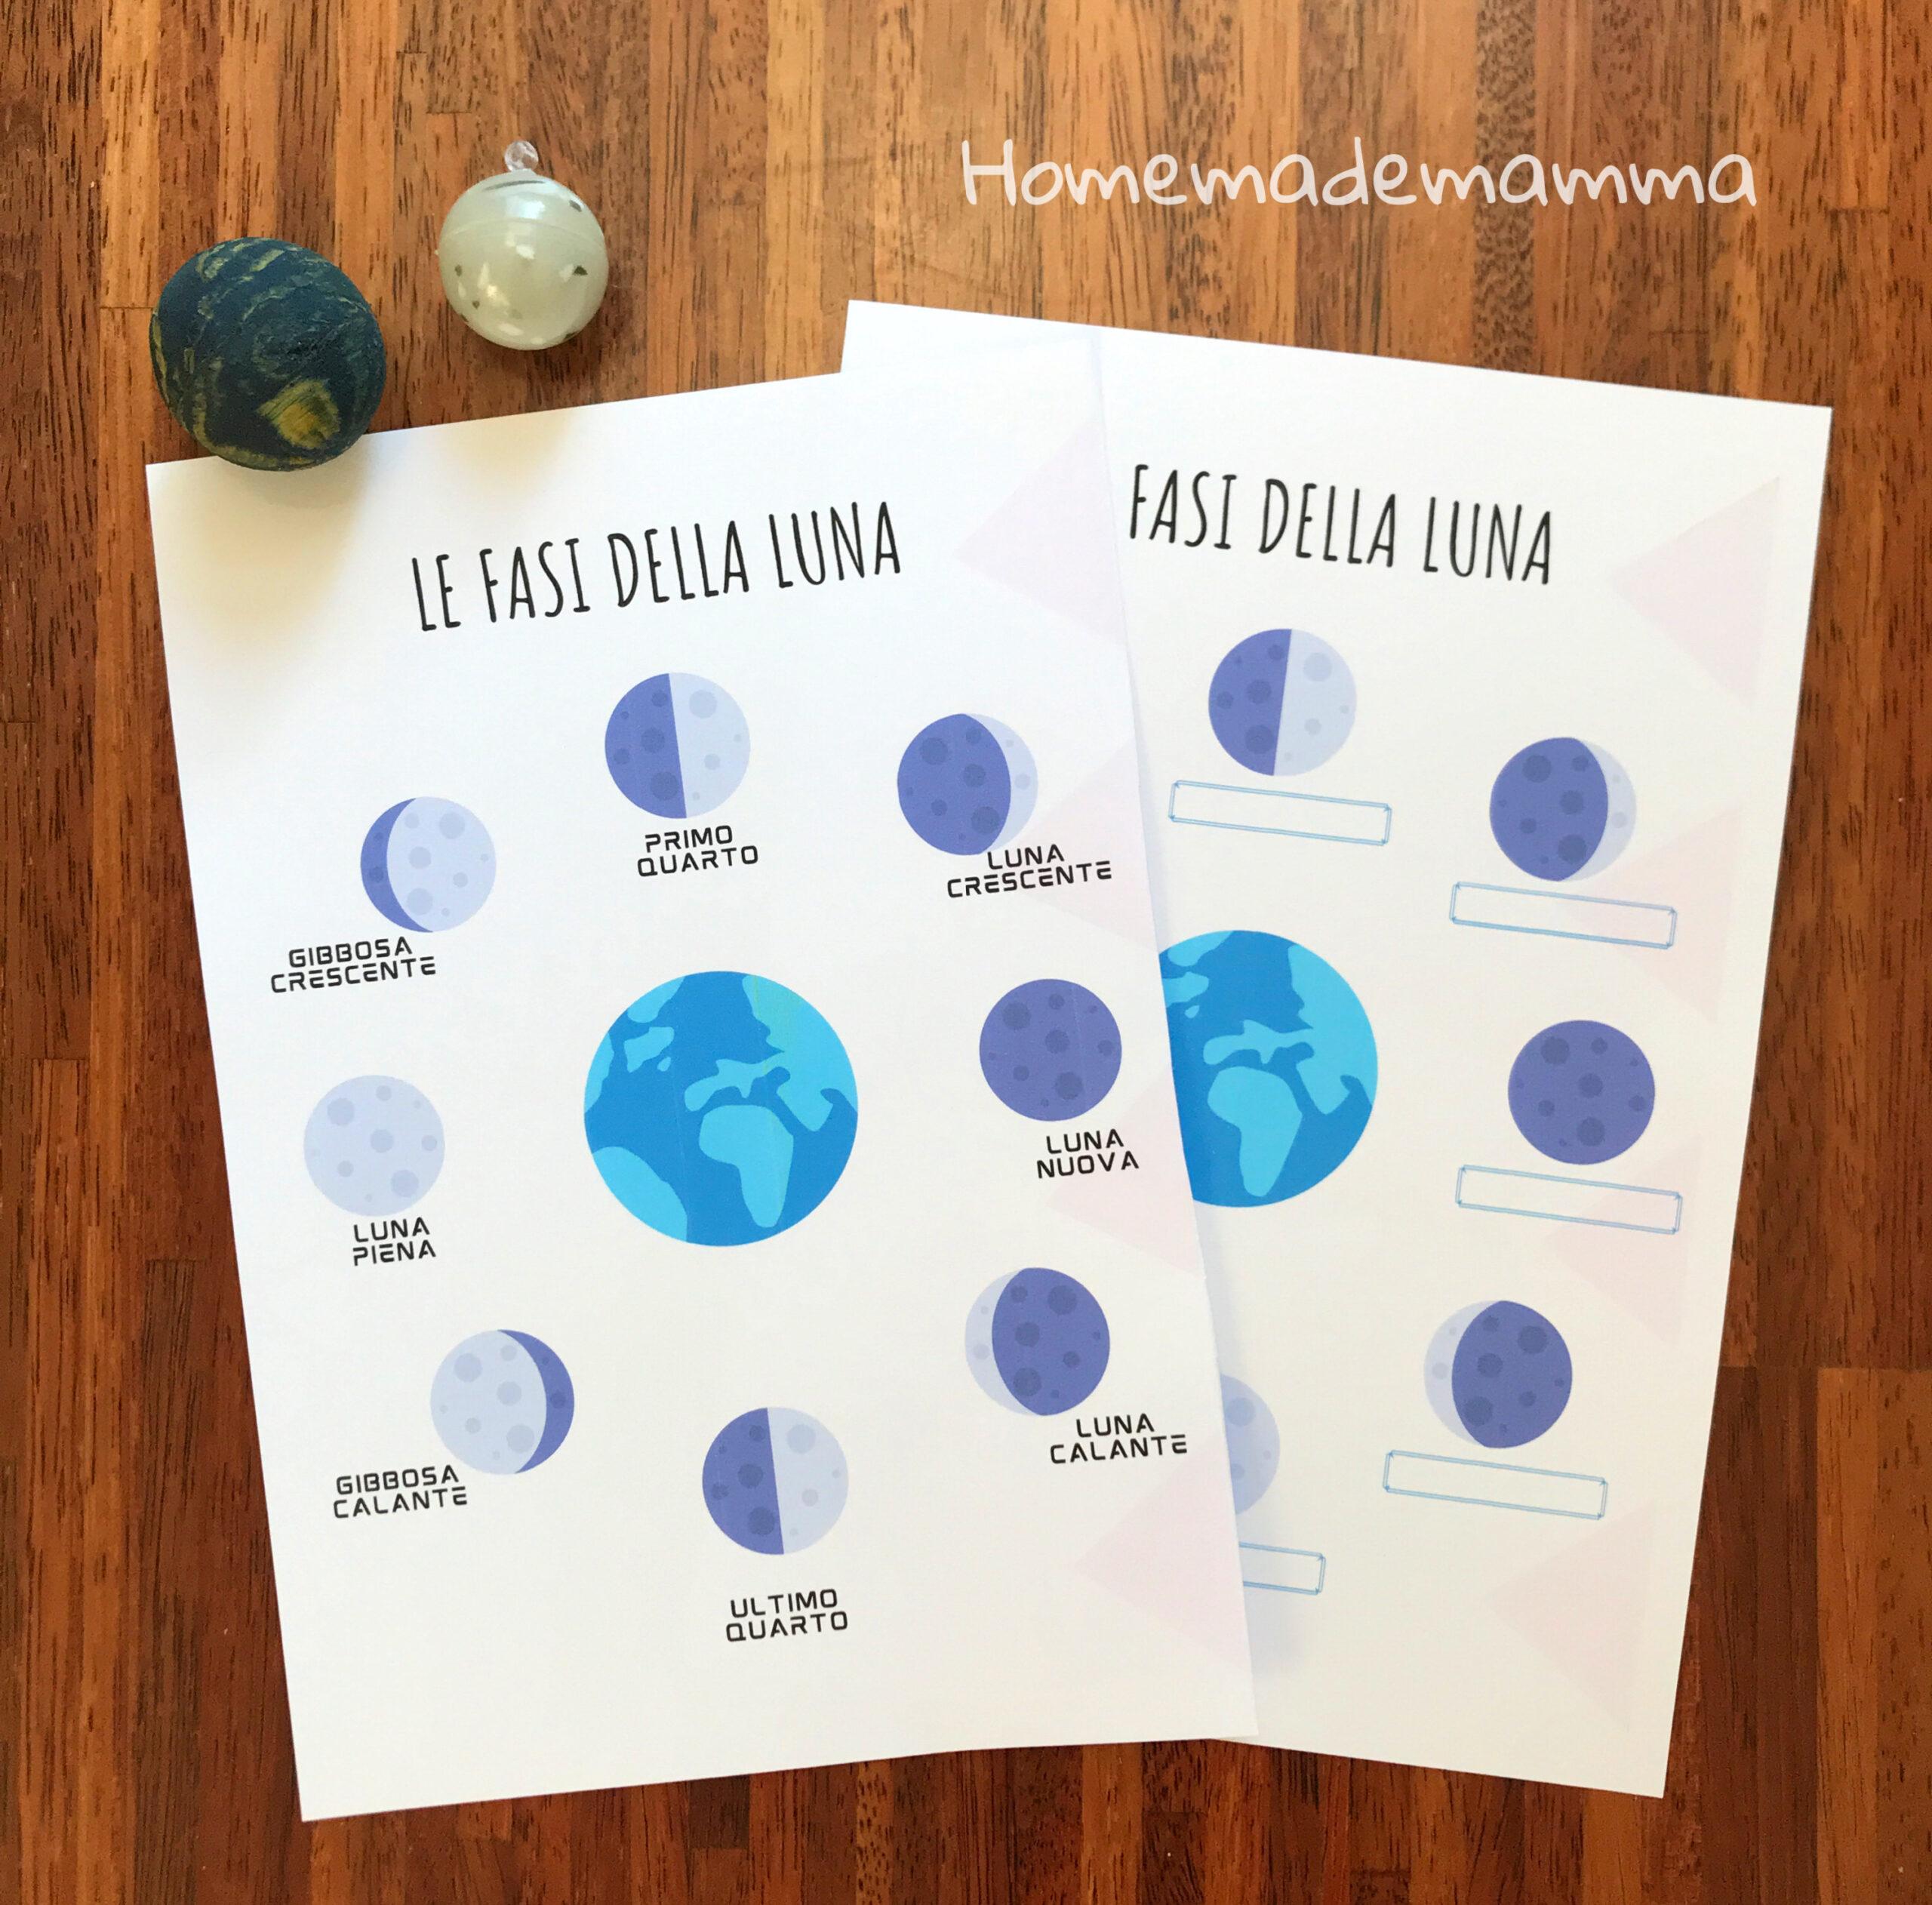 Schede da stampare sulle fasi lunari